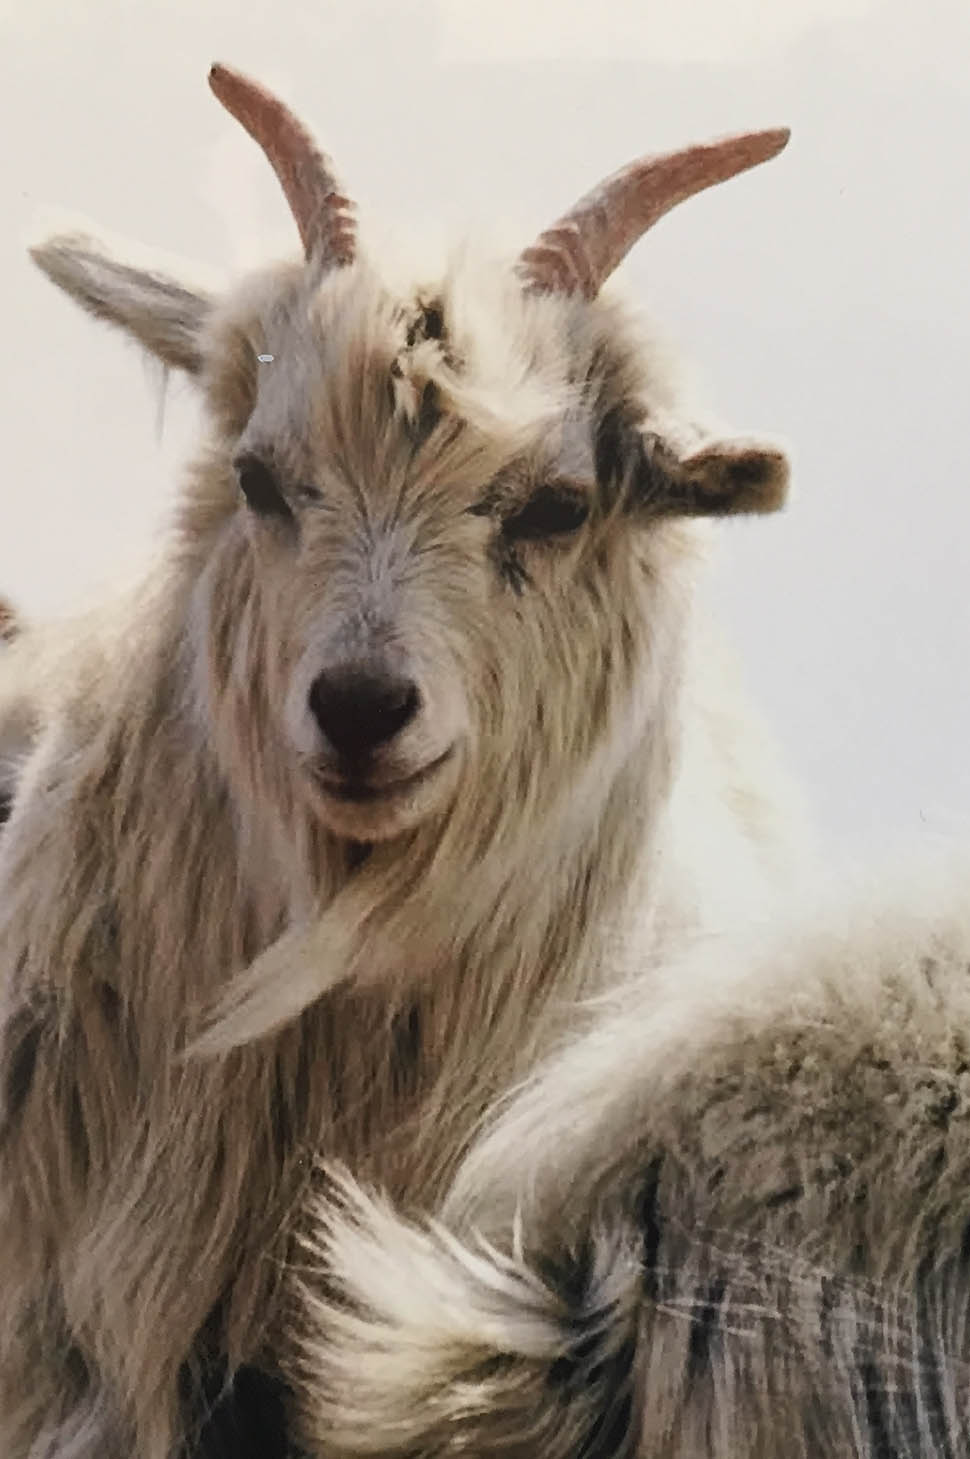 una capra da cashmere